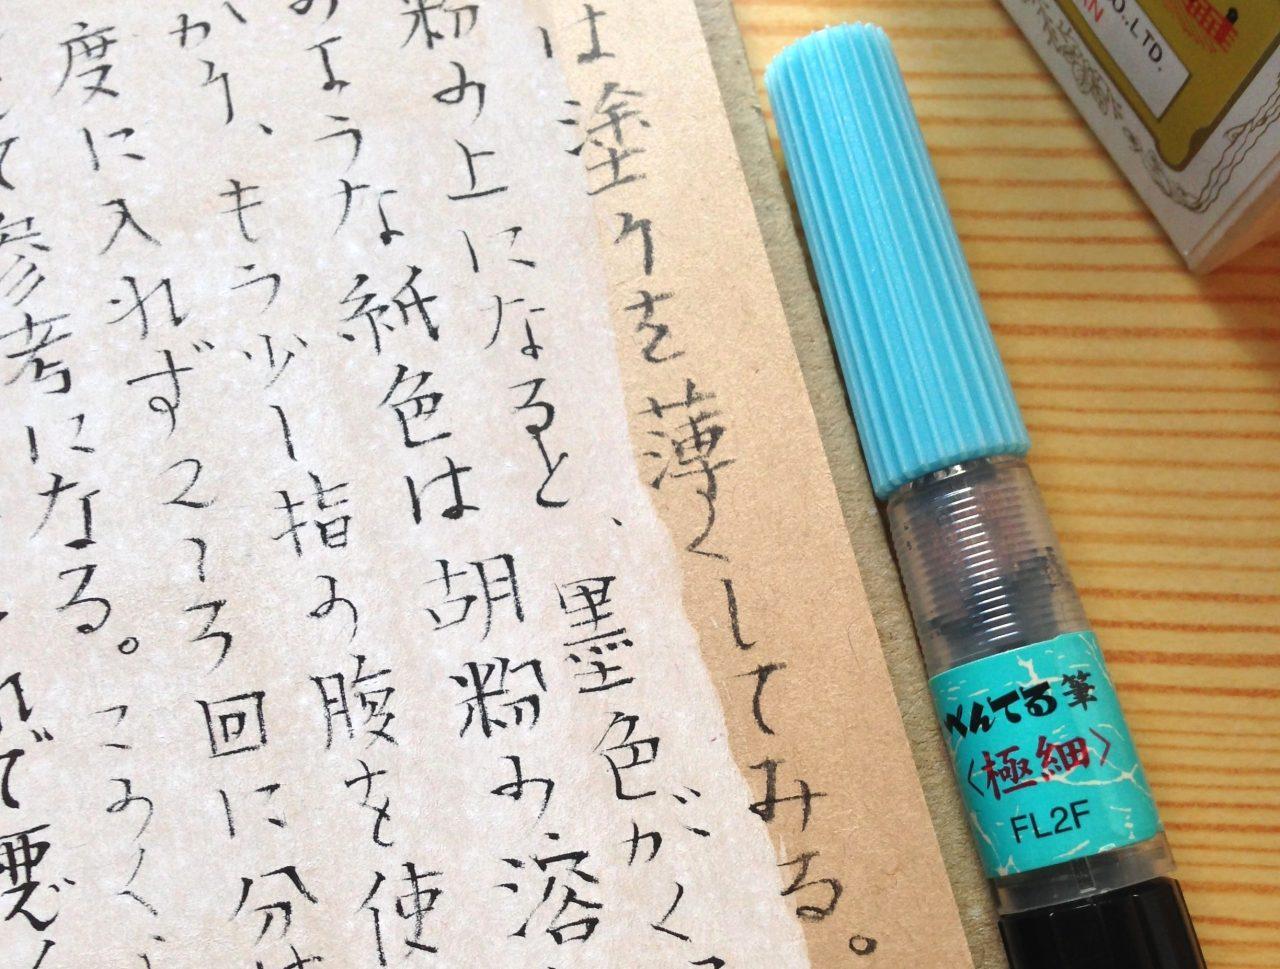 第百二十二回「胡粉塗りに筆ペン書き」